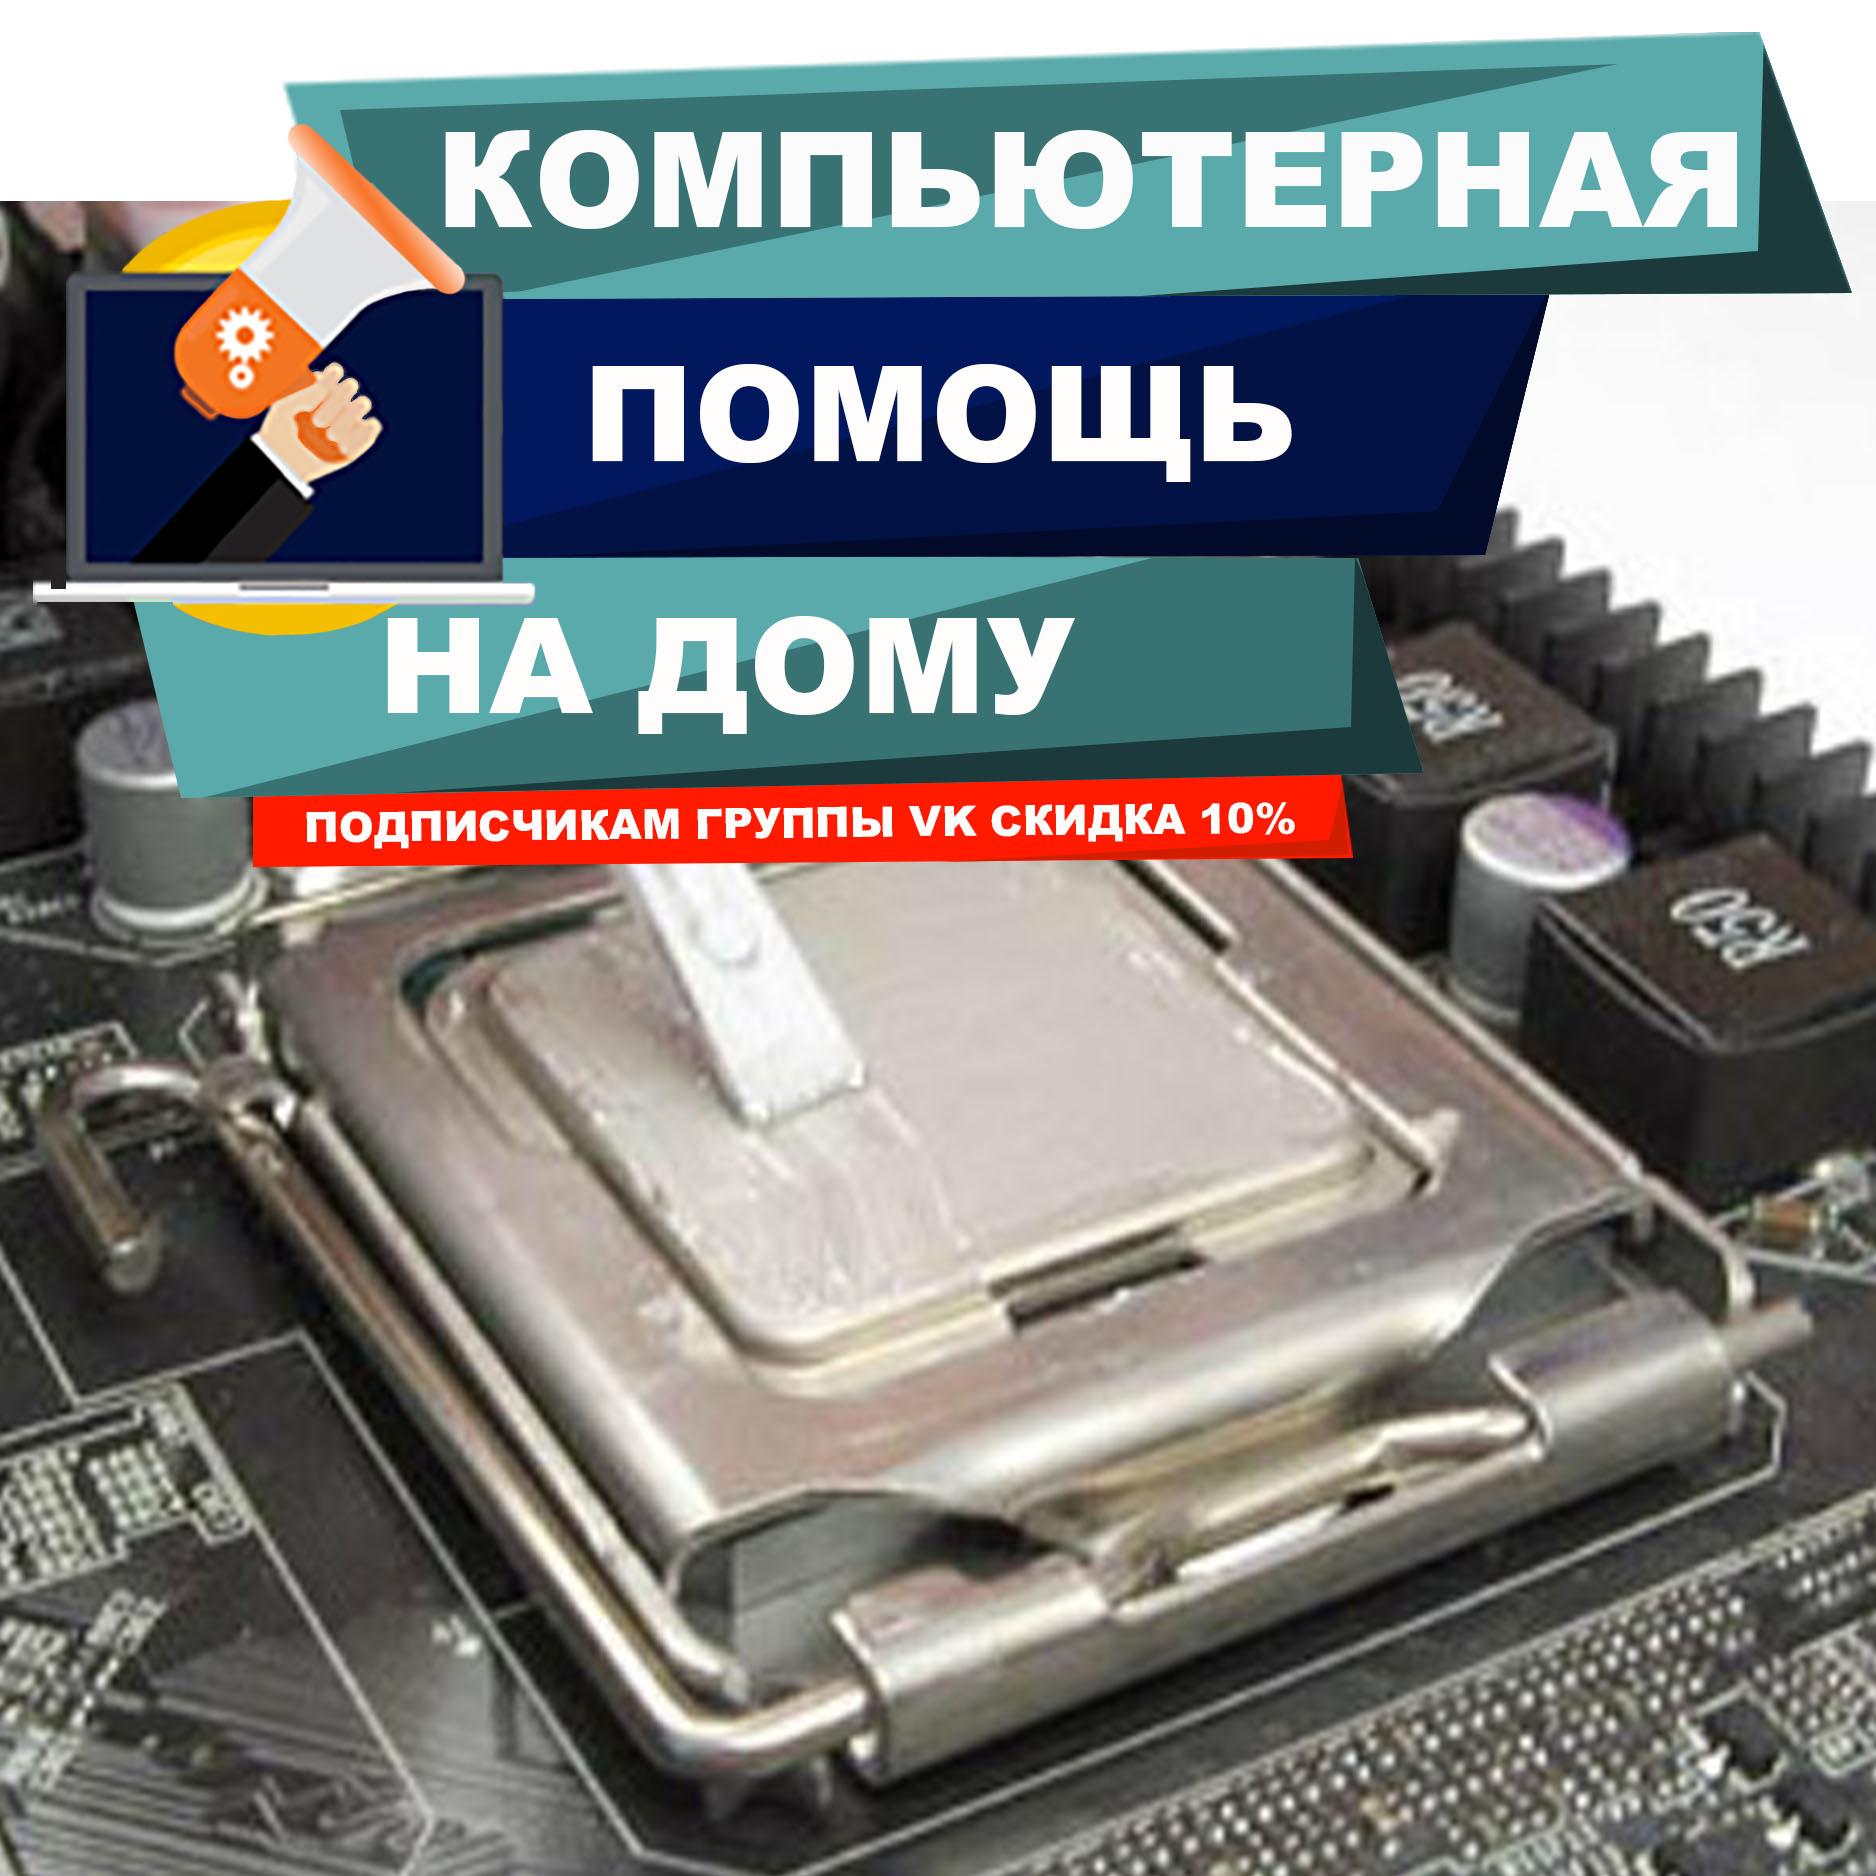 remont_komputera_na_domu6